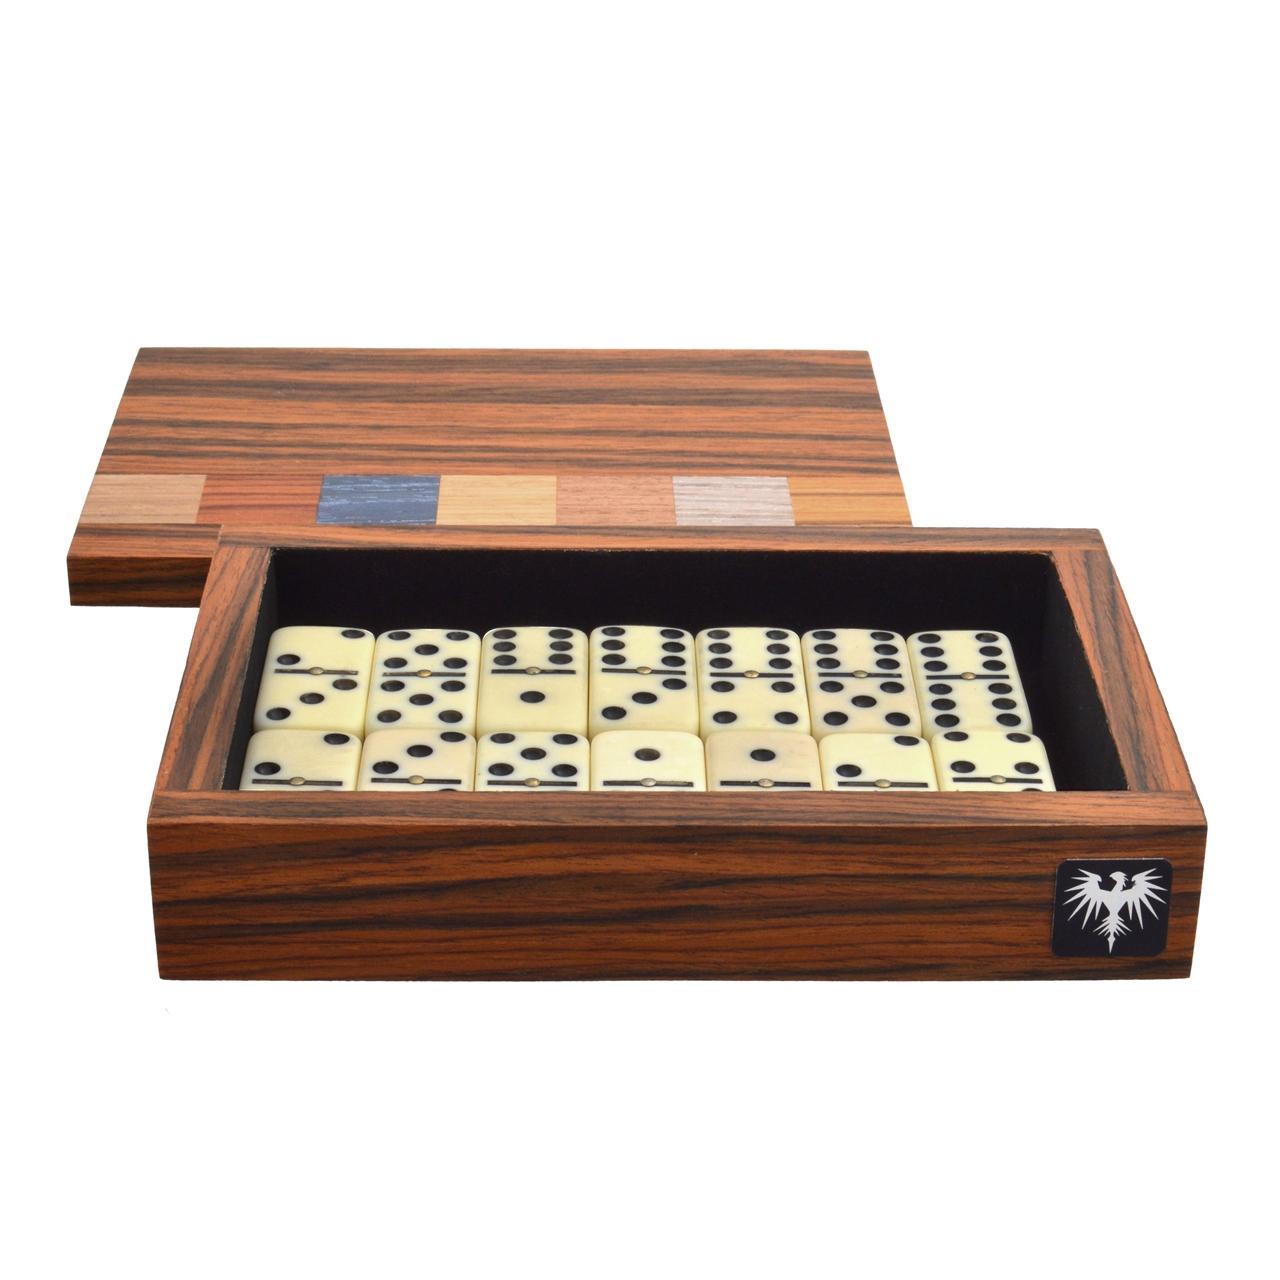 jogo-de-domino-estojo-havana-madeira-marchetado-ref-01-imagem-9.jpg